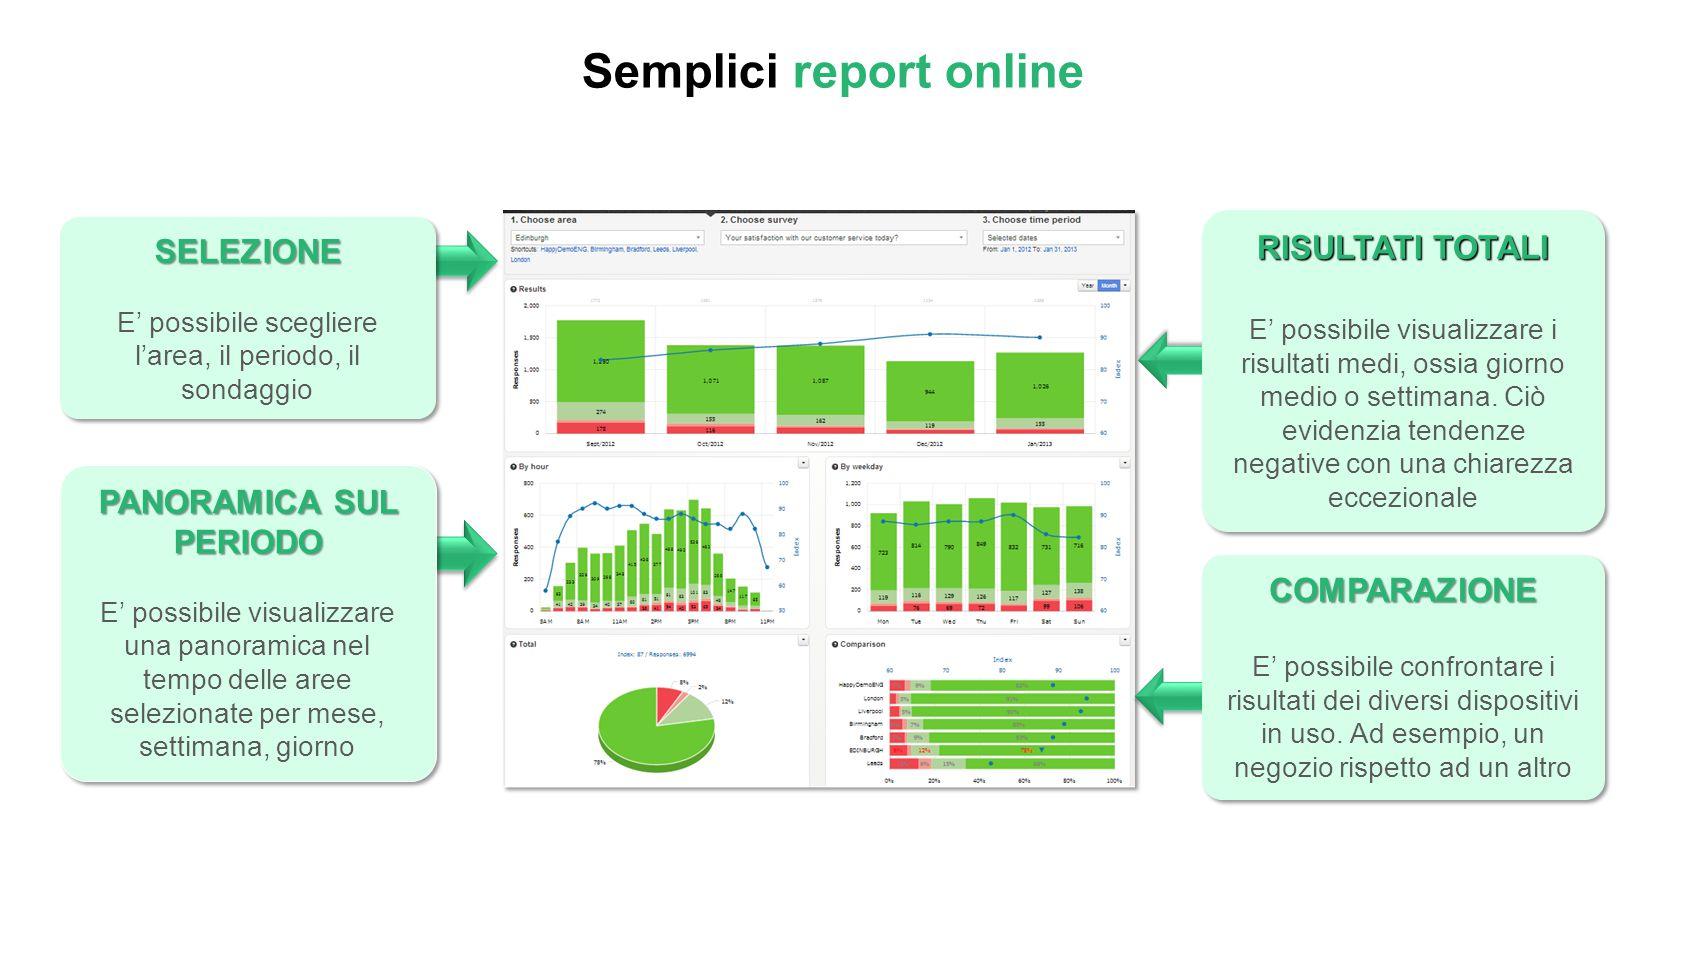 Semplici report online SELEZIONE E' possibile scegliere l'area, il periodo, il sondaggioSELEZIONE PANORAMICA SUL PERIODO E' possibile visualizzare una